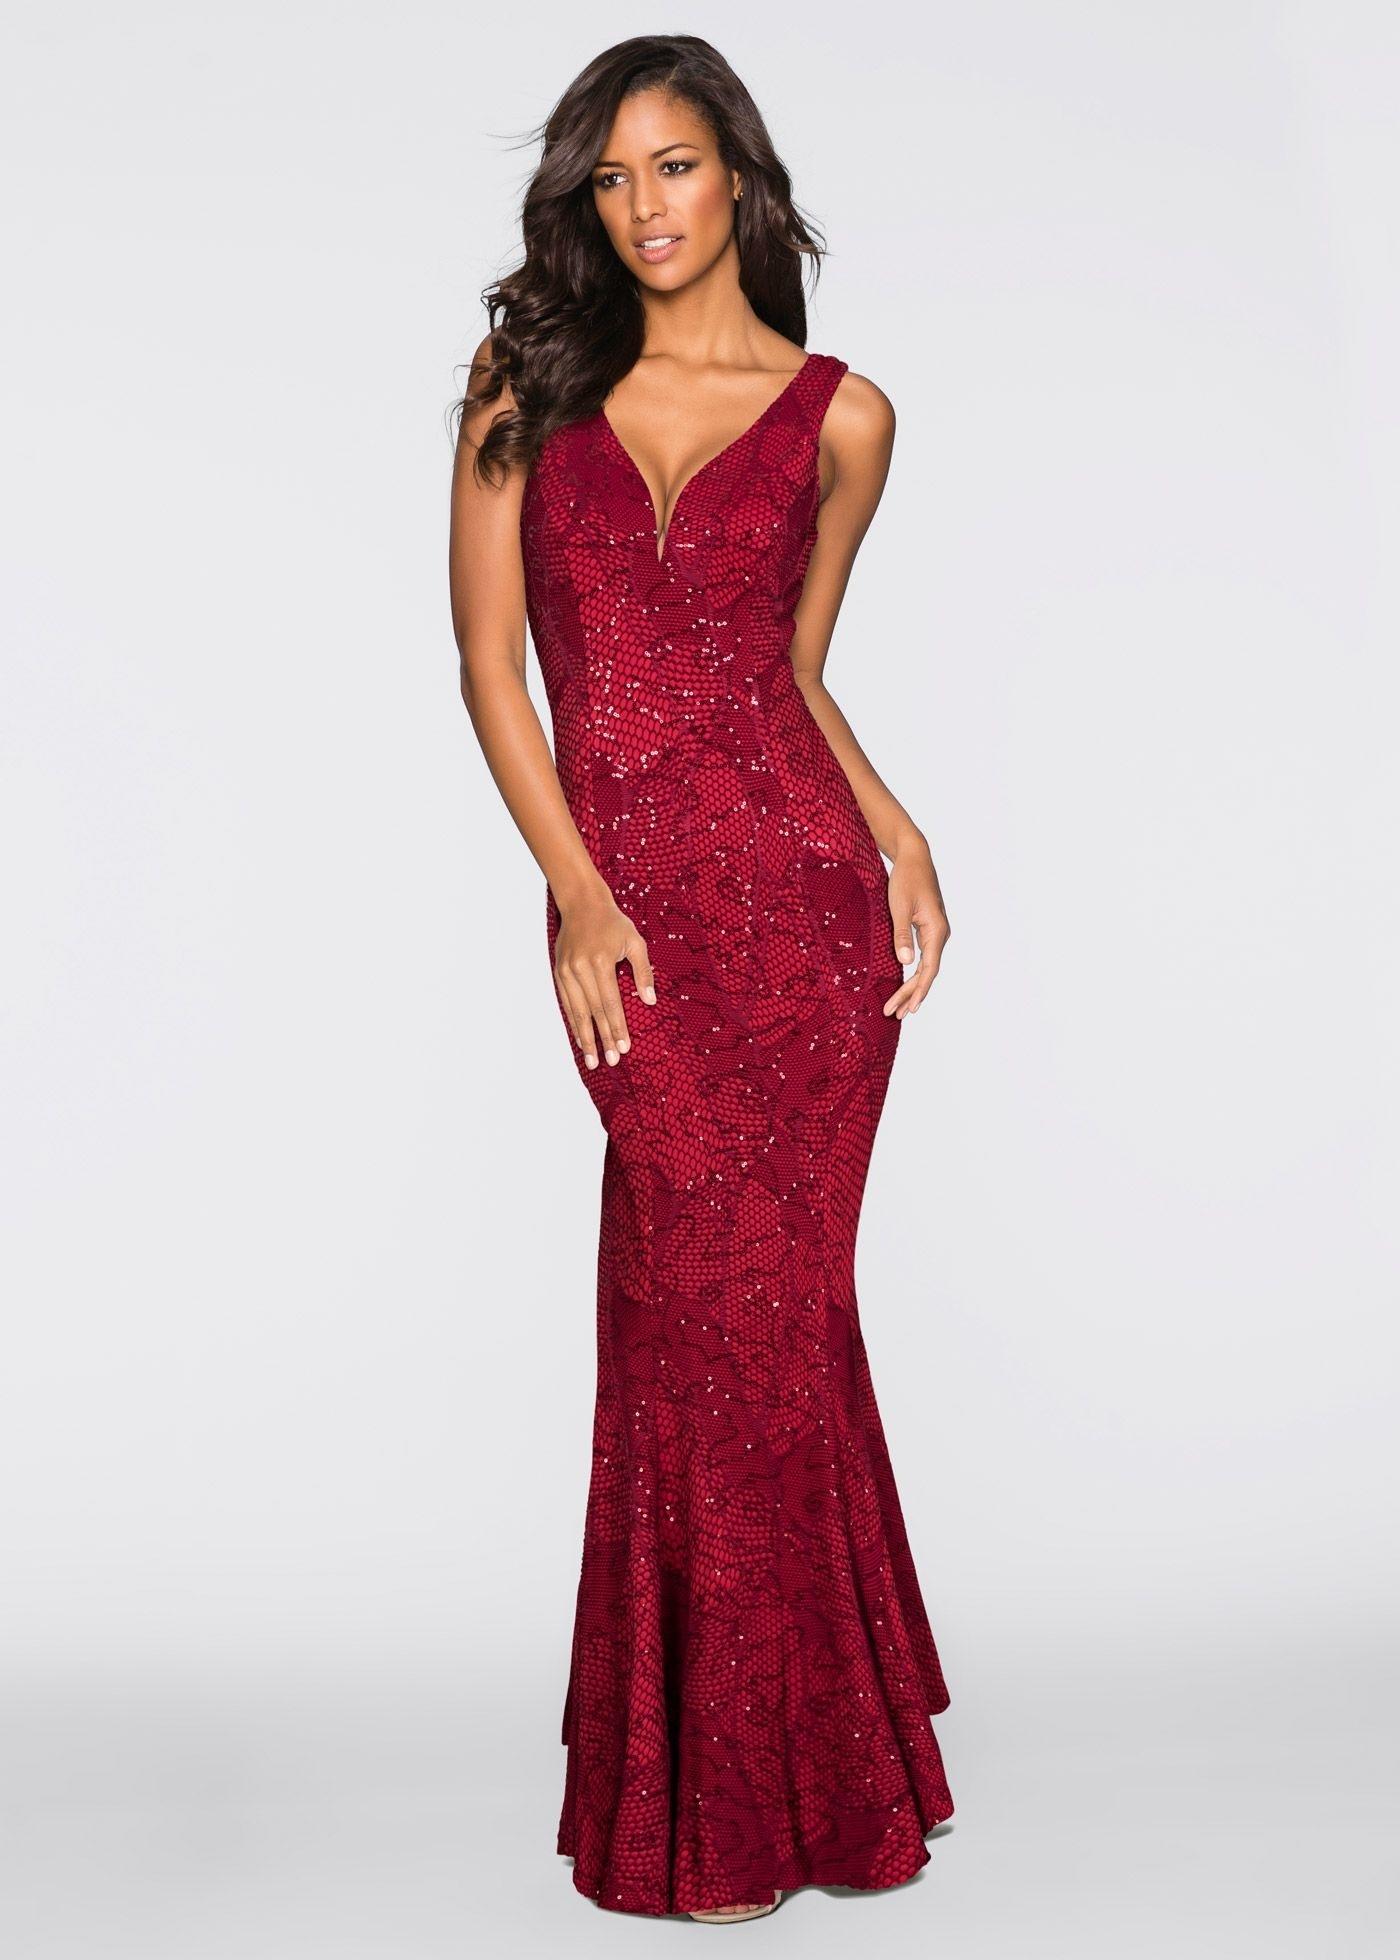 Abend Schön Die Schönsten Abendkleider Online Kaufen Bester Preis